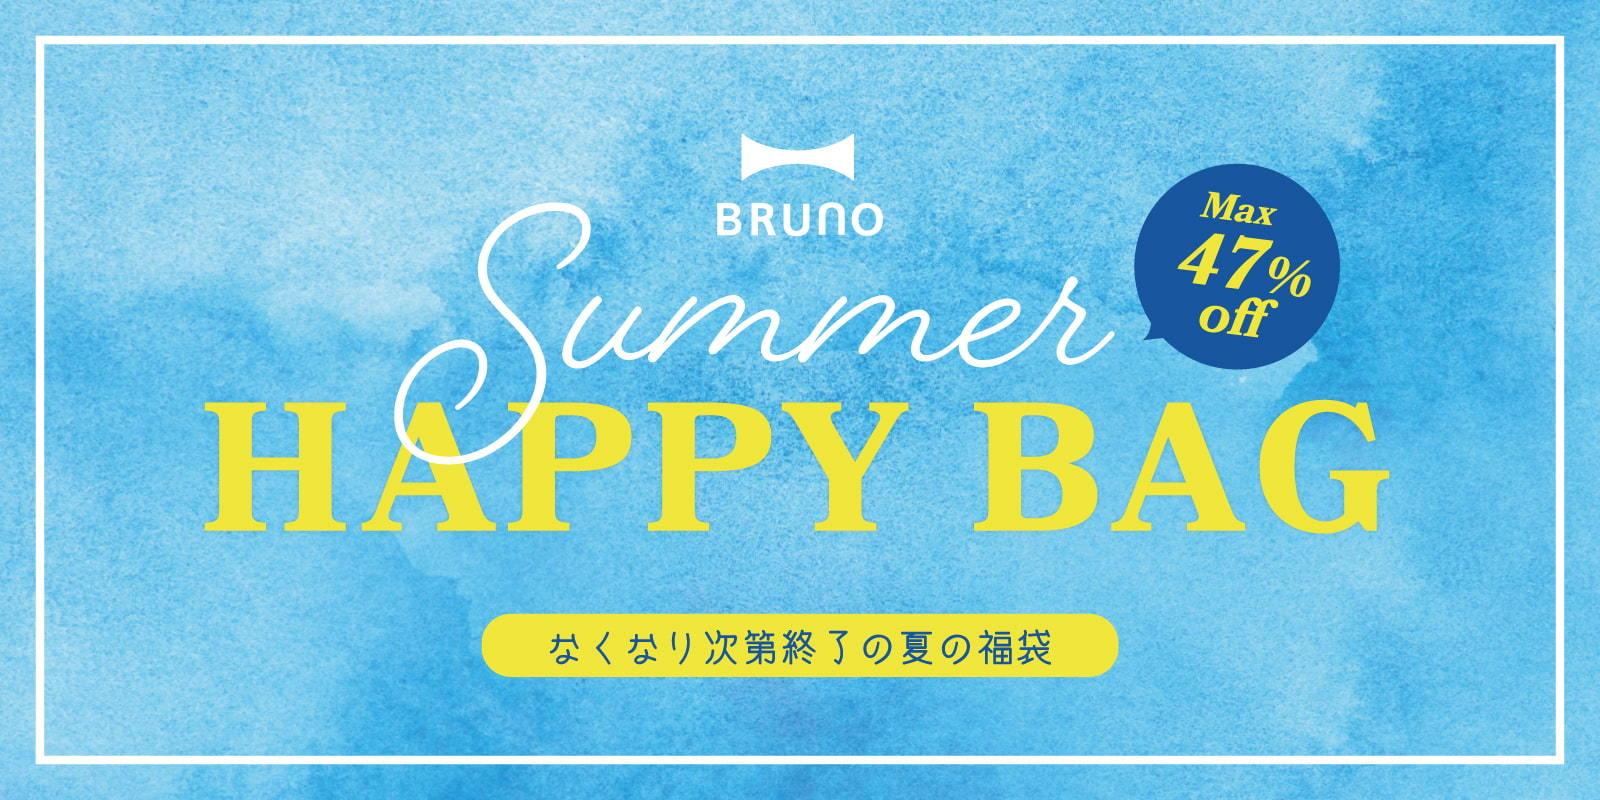 BRUNO(ブルーノ)HAPPY SUMMER BAG 夏の福袋